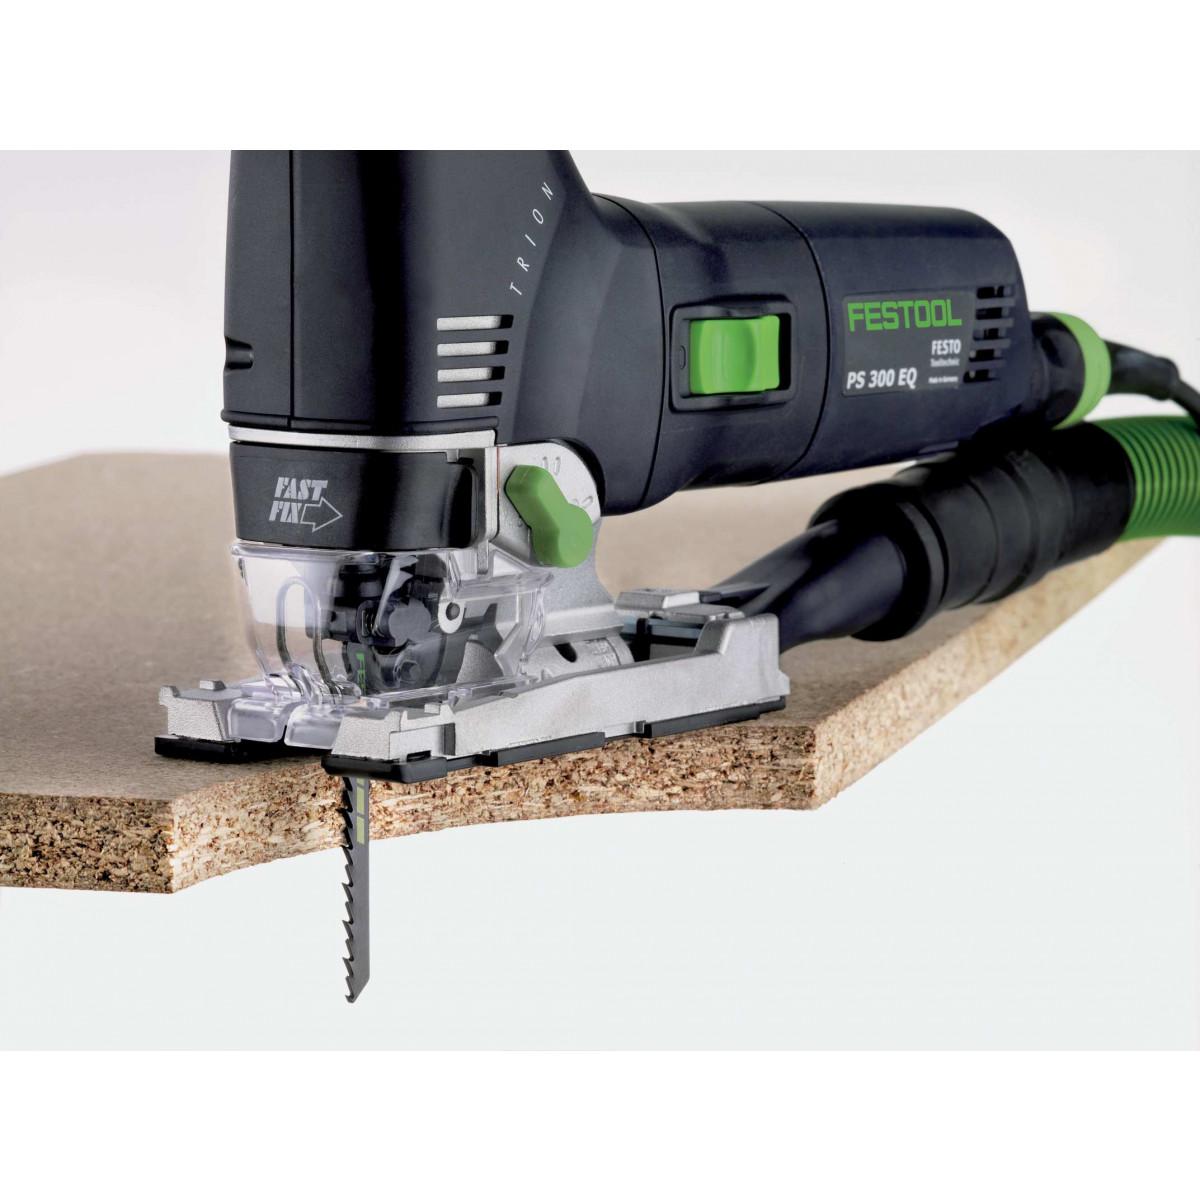 Festool S75/4 Clean-Cut Jigsaw Blades, 3 Inch, 6 TPI